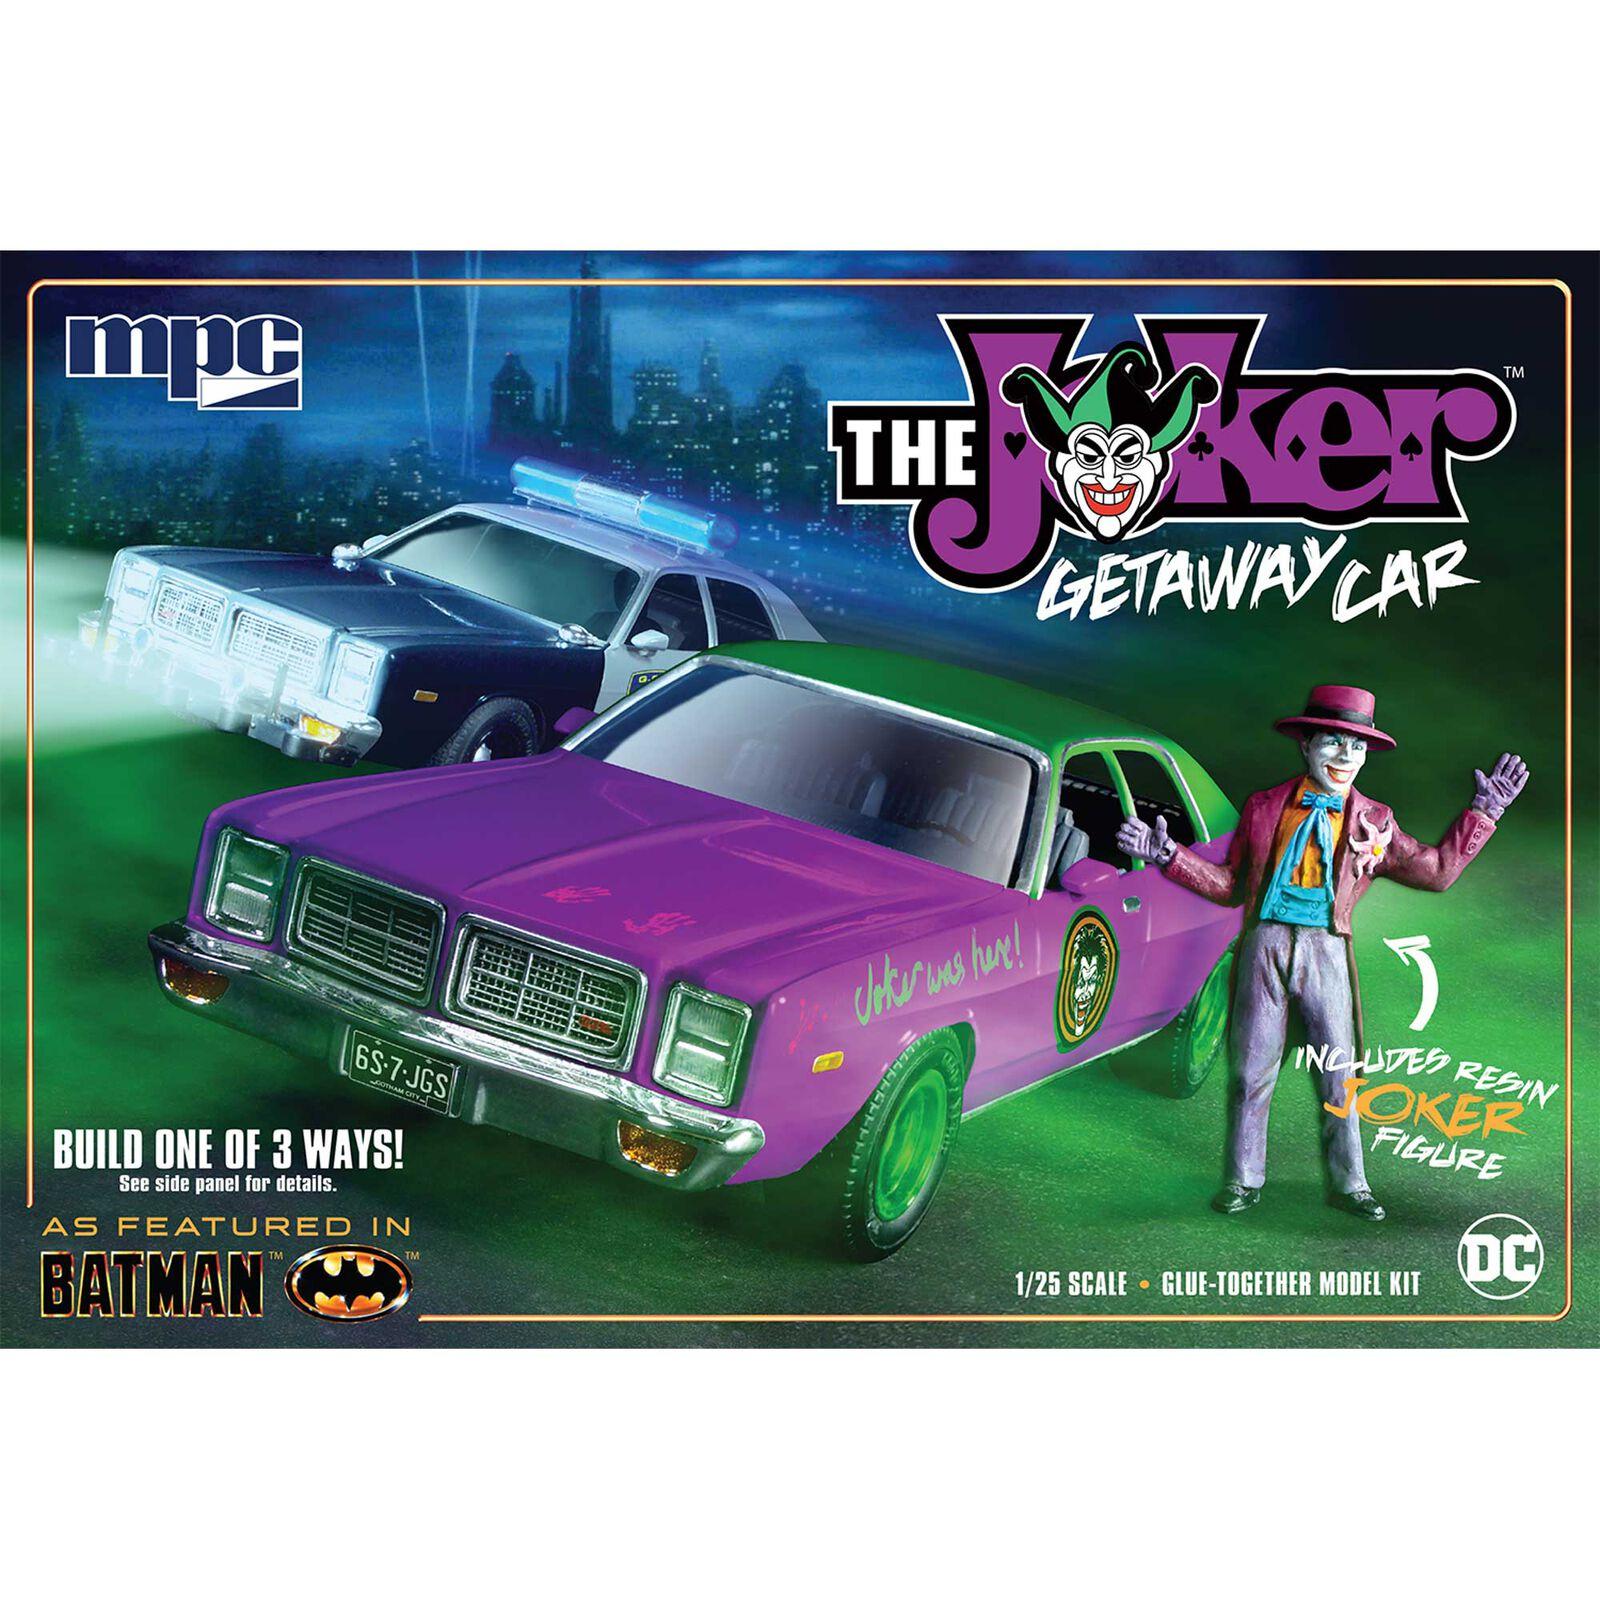 1/25 1978 Batman Joker Goon Car Dodge Monaco